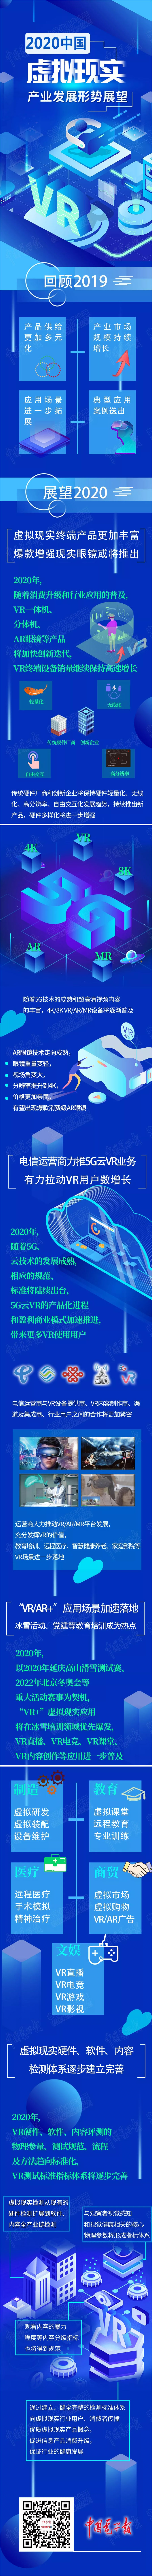 一图读懂2020中国虚拟现实产业发展形势.jpg